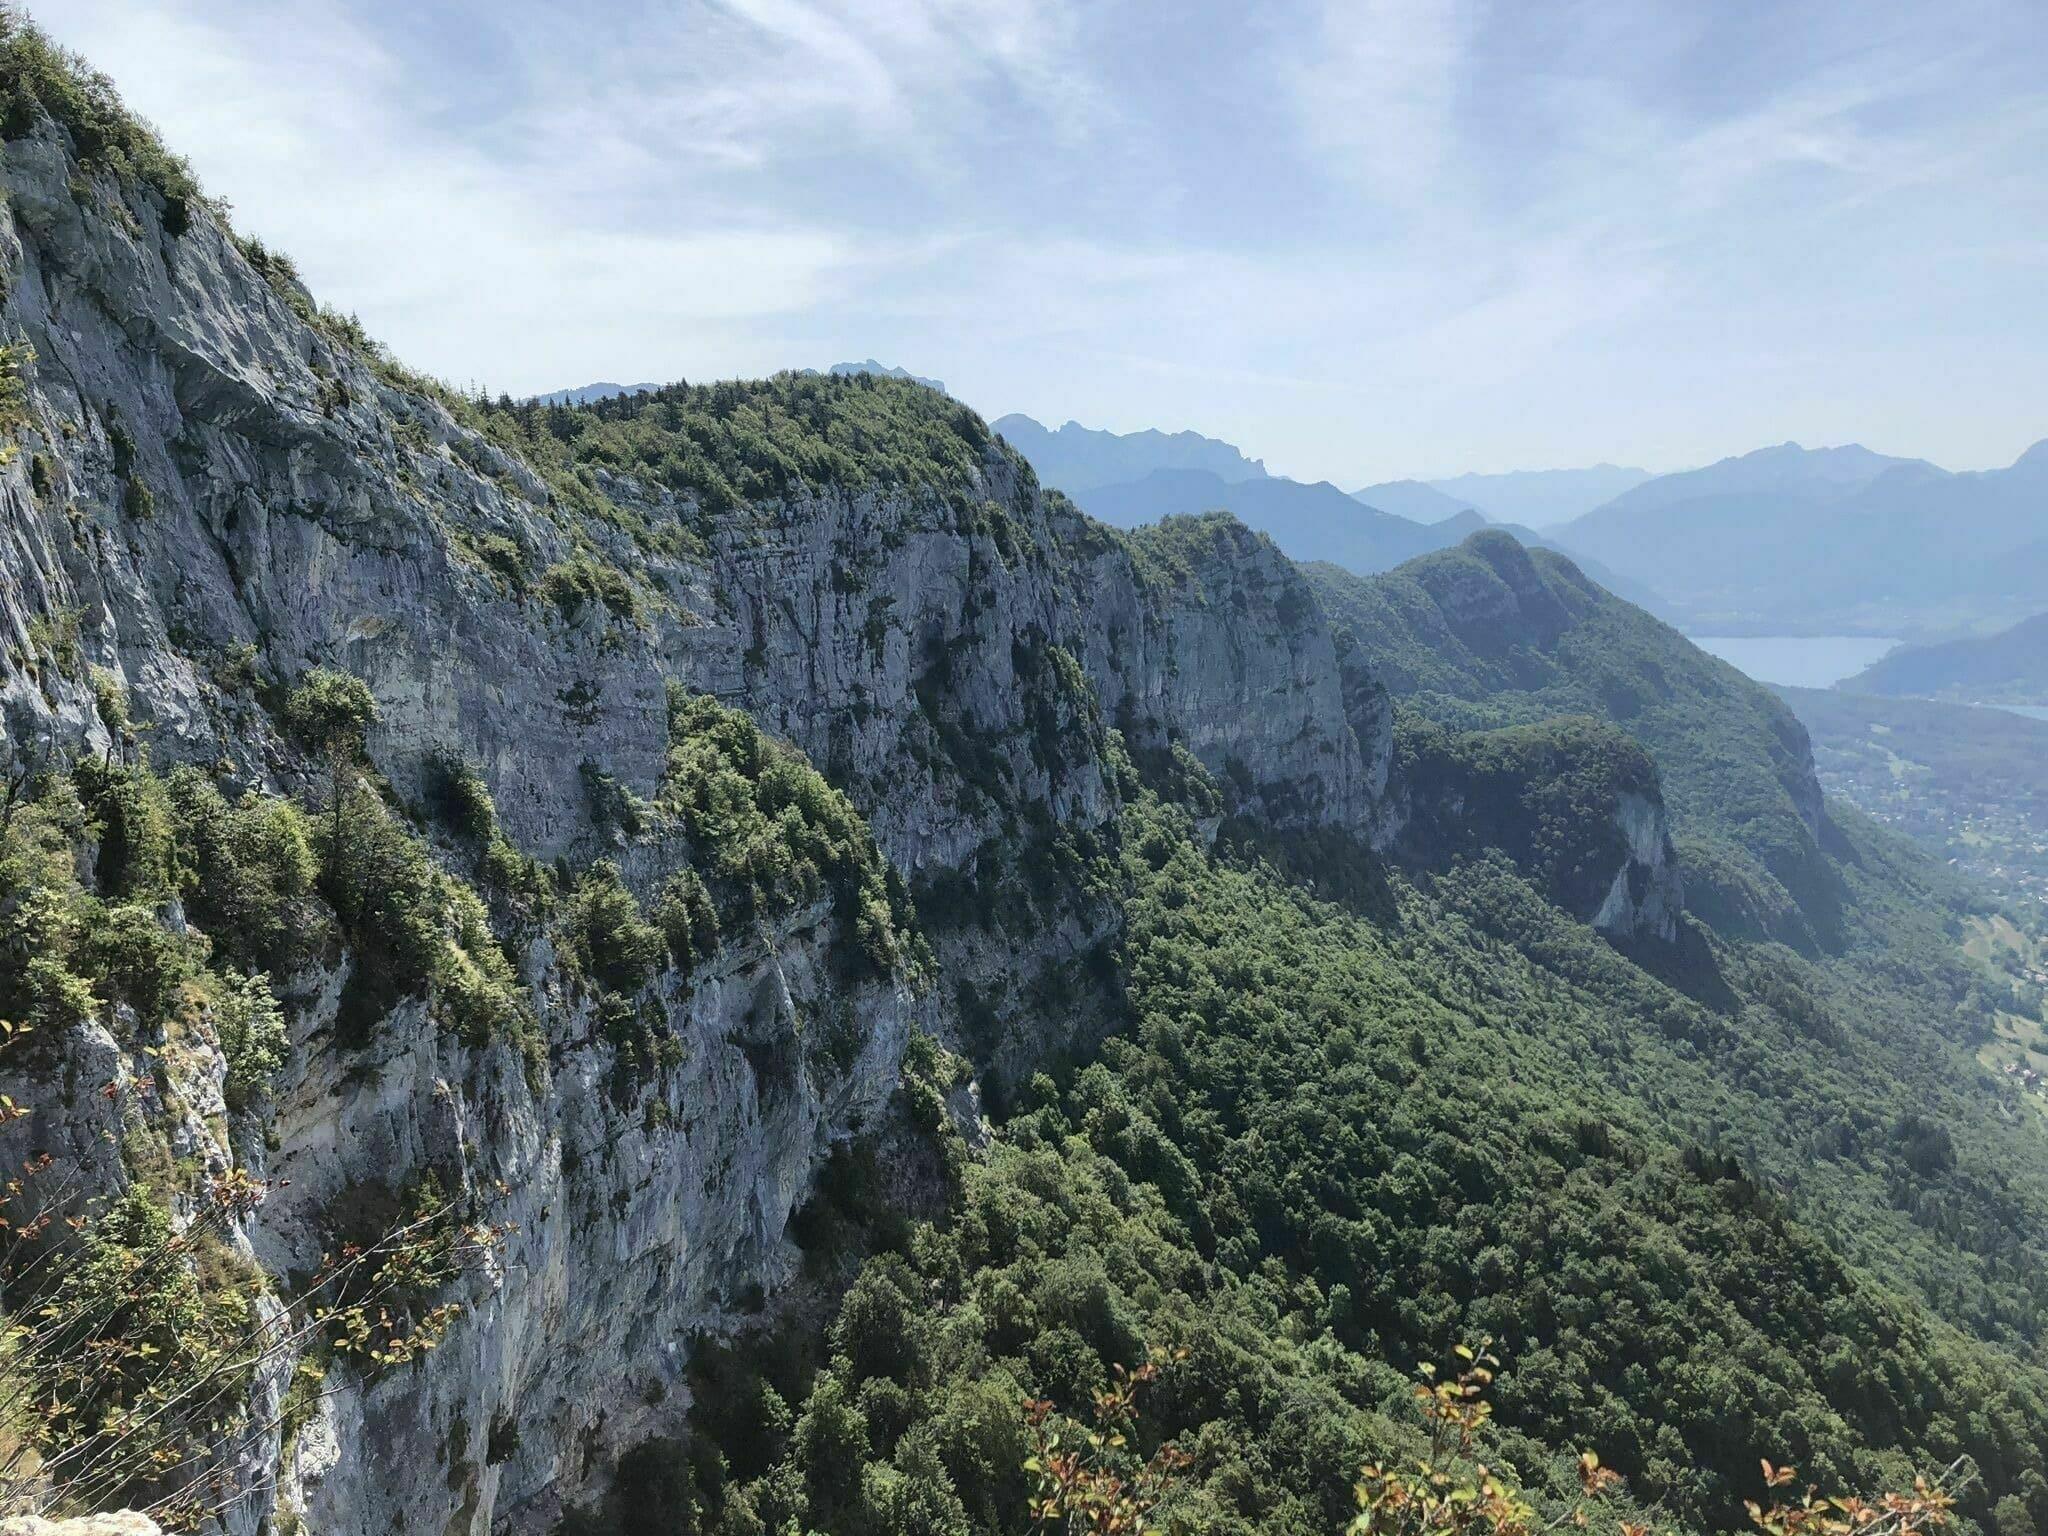 Randonnée haute savoie : Du bois Jettaz au mont Veyrier